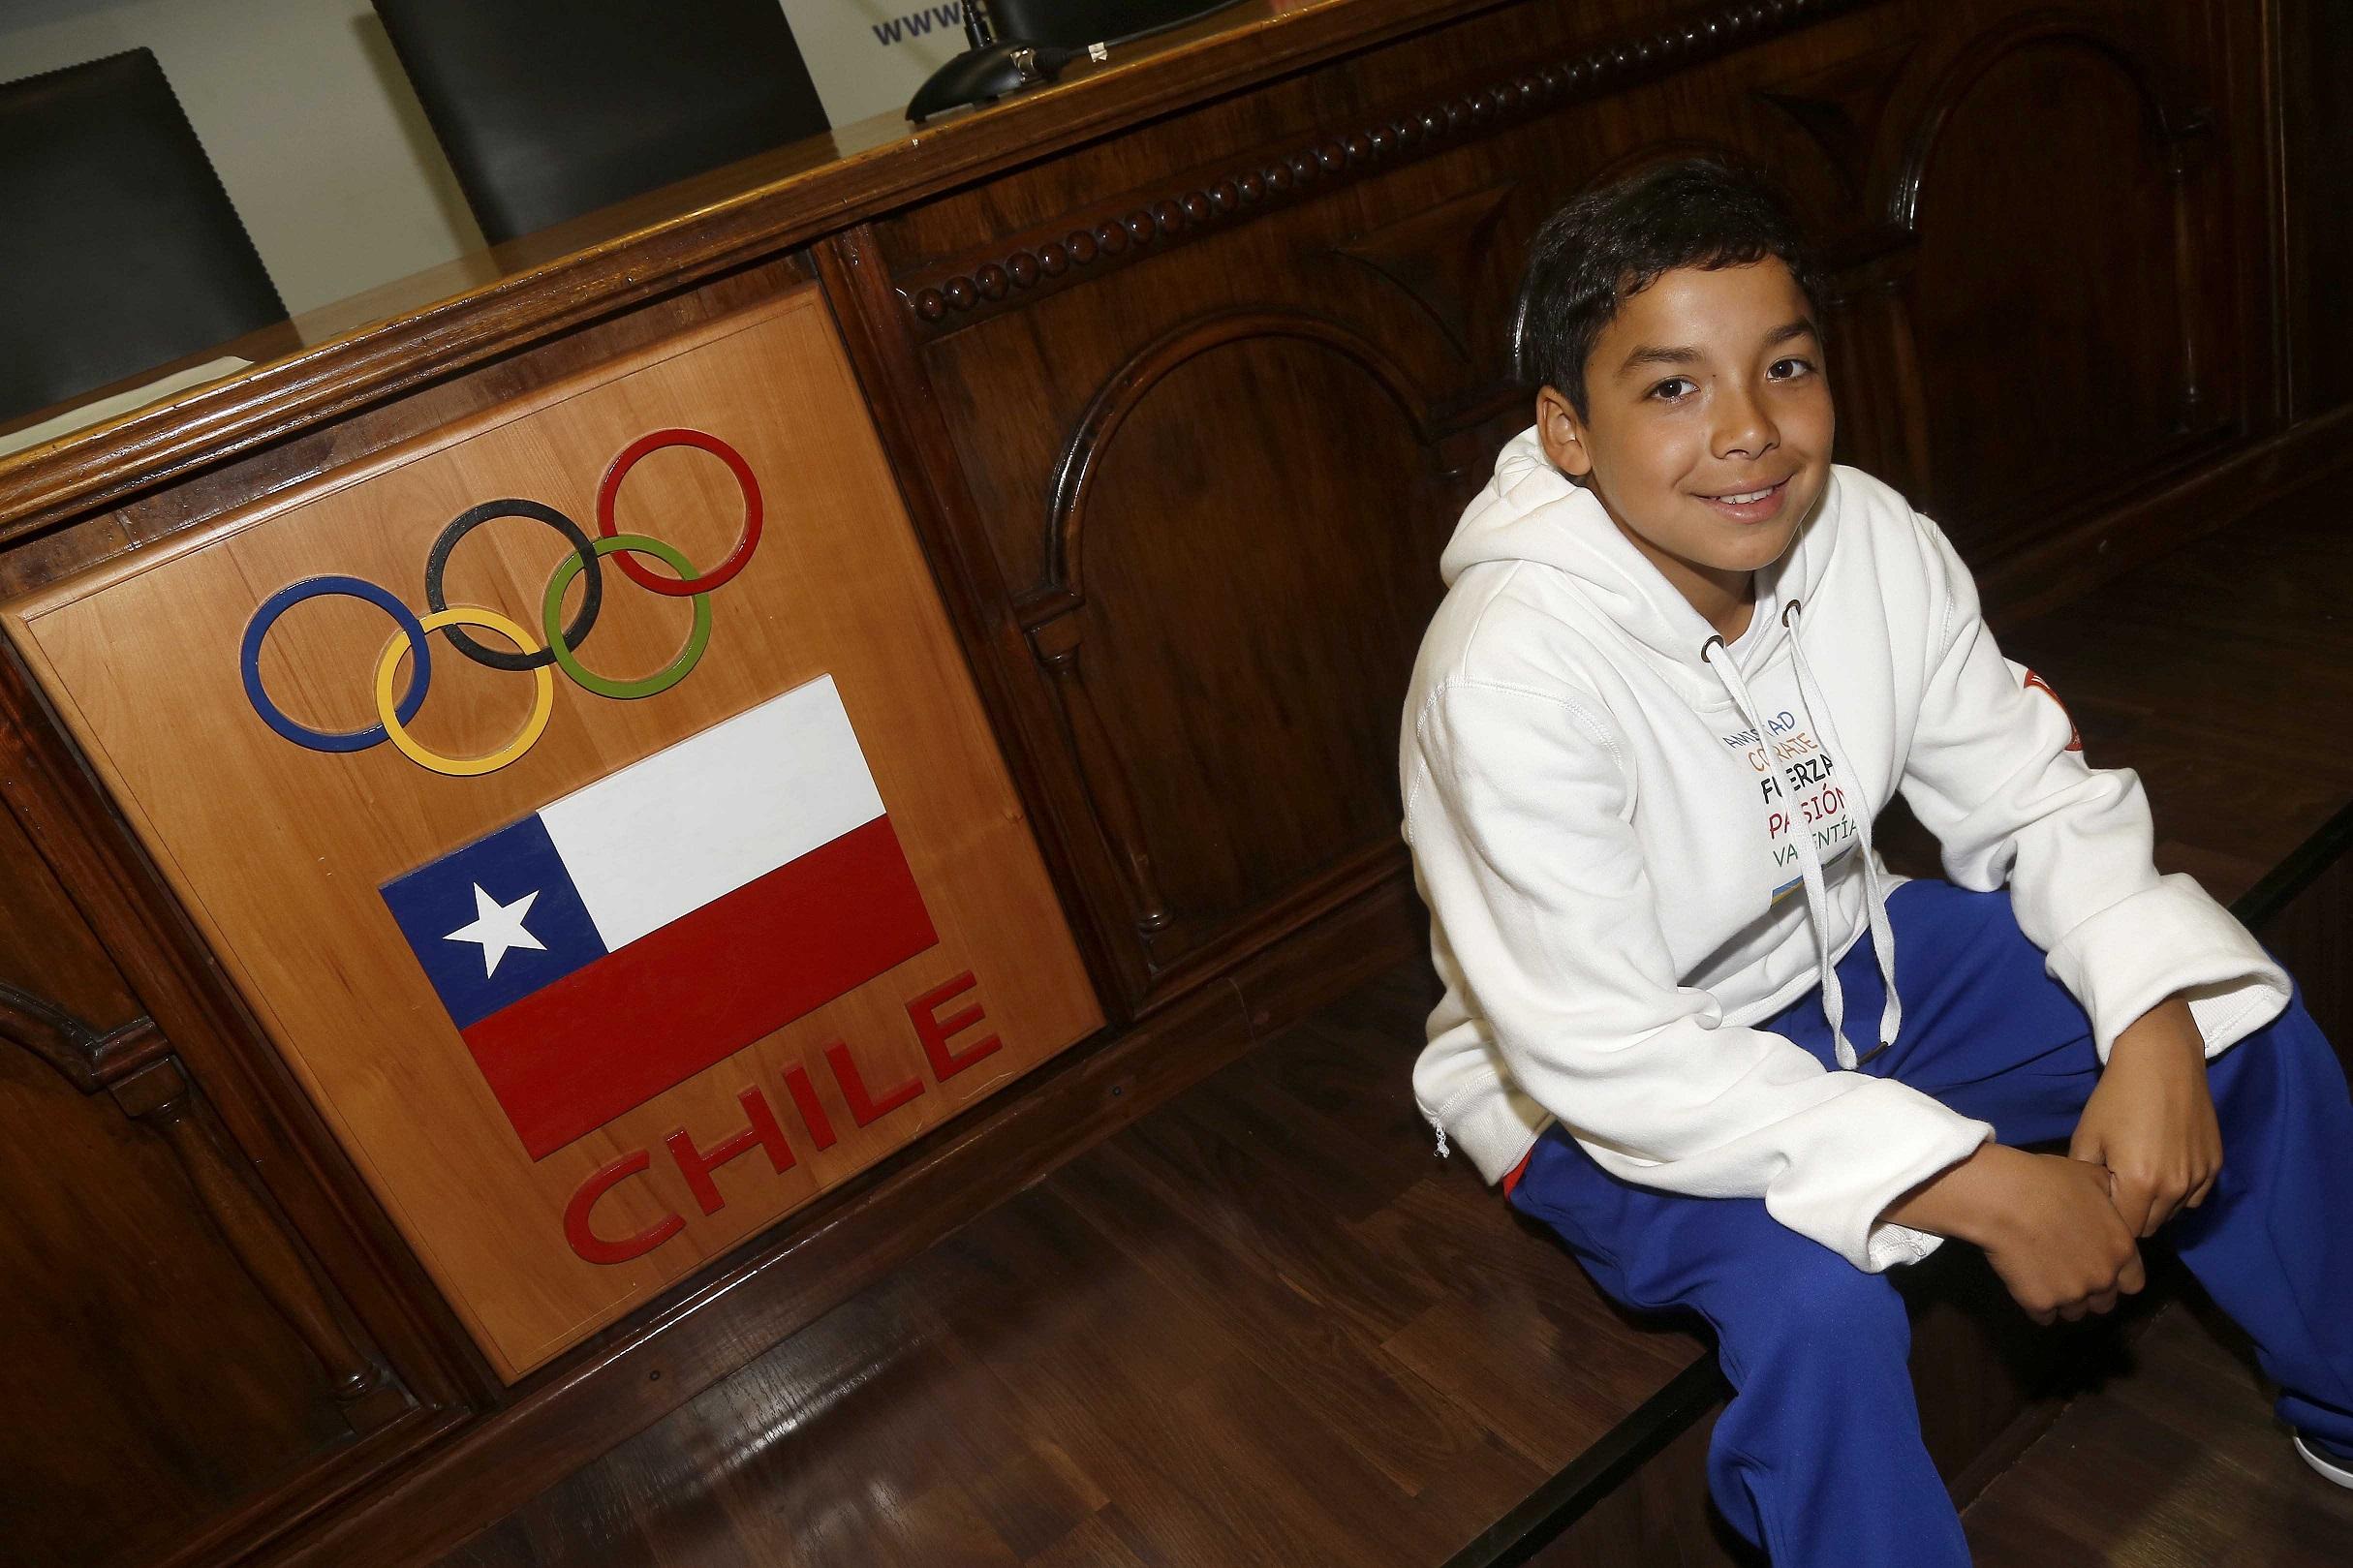 Niño de Huasco viajará como embajador de Chile a las Olimpiadas de Río de Janeiro